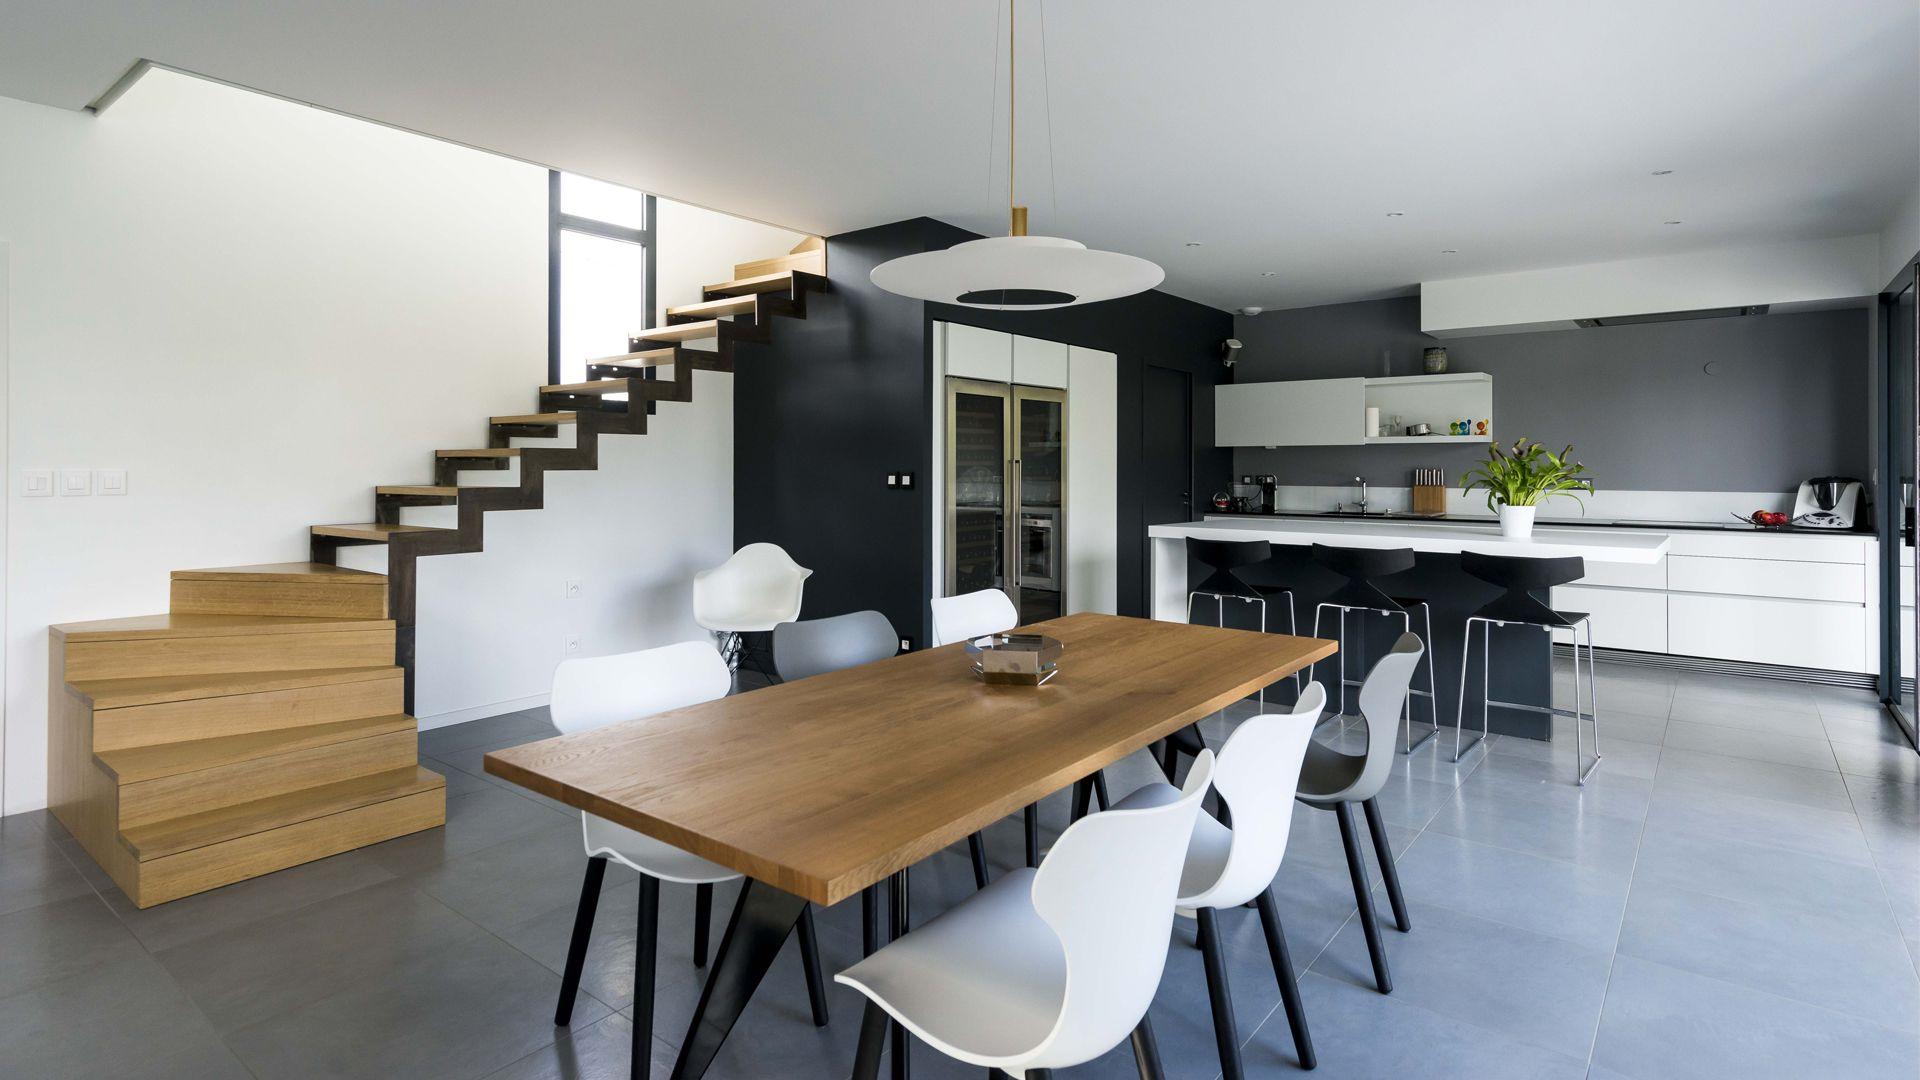 Seuil-architecture-maison-bioclimatique-Balma-Cuisine-slid-compressor